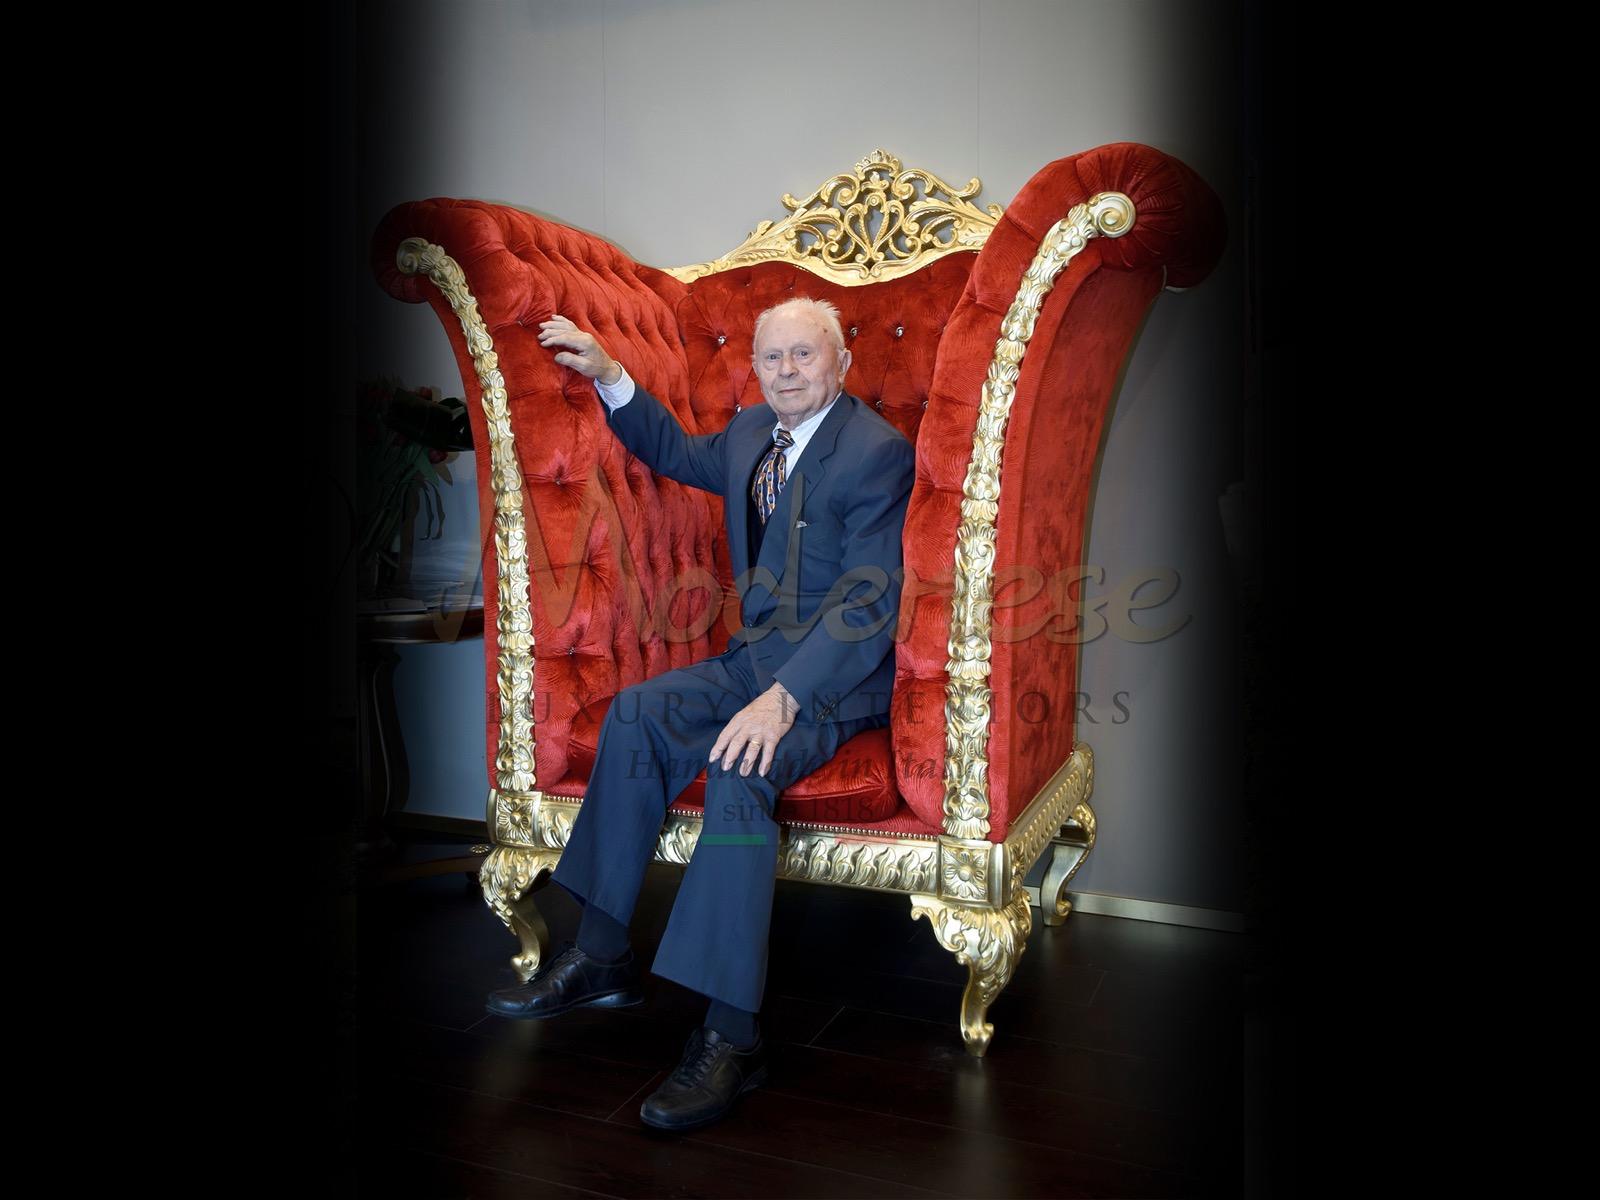 роскошь итальянские интерьеры классическое барокко ампир рококо стиль сделано в Италии производство производство завод история наследие семейные традиции самолет трон